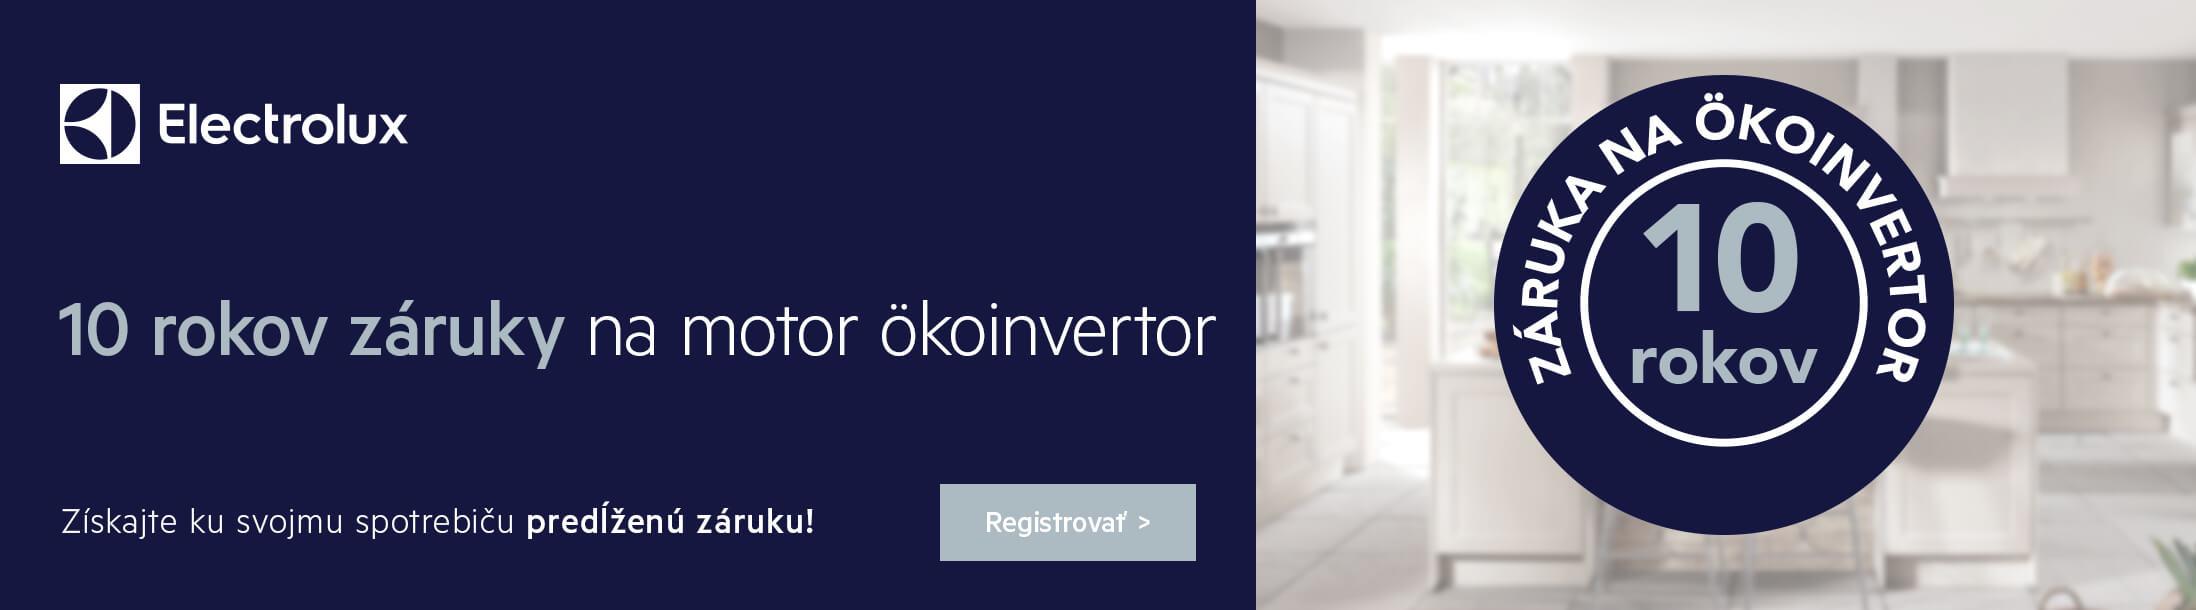 Electrolux 10 rokov záruky na ÖKOinvertor motor